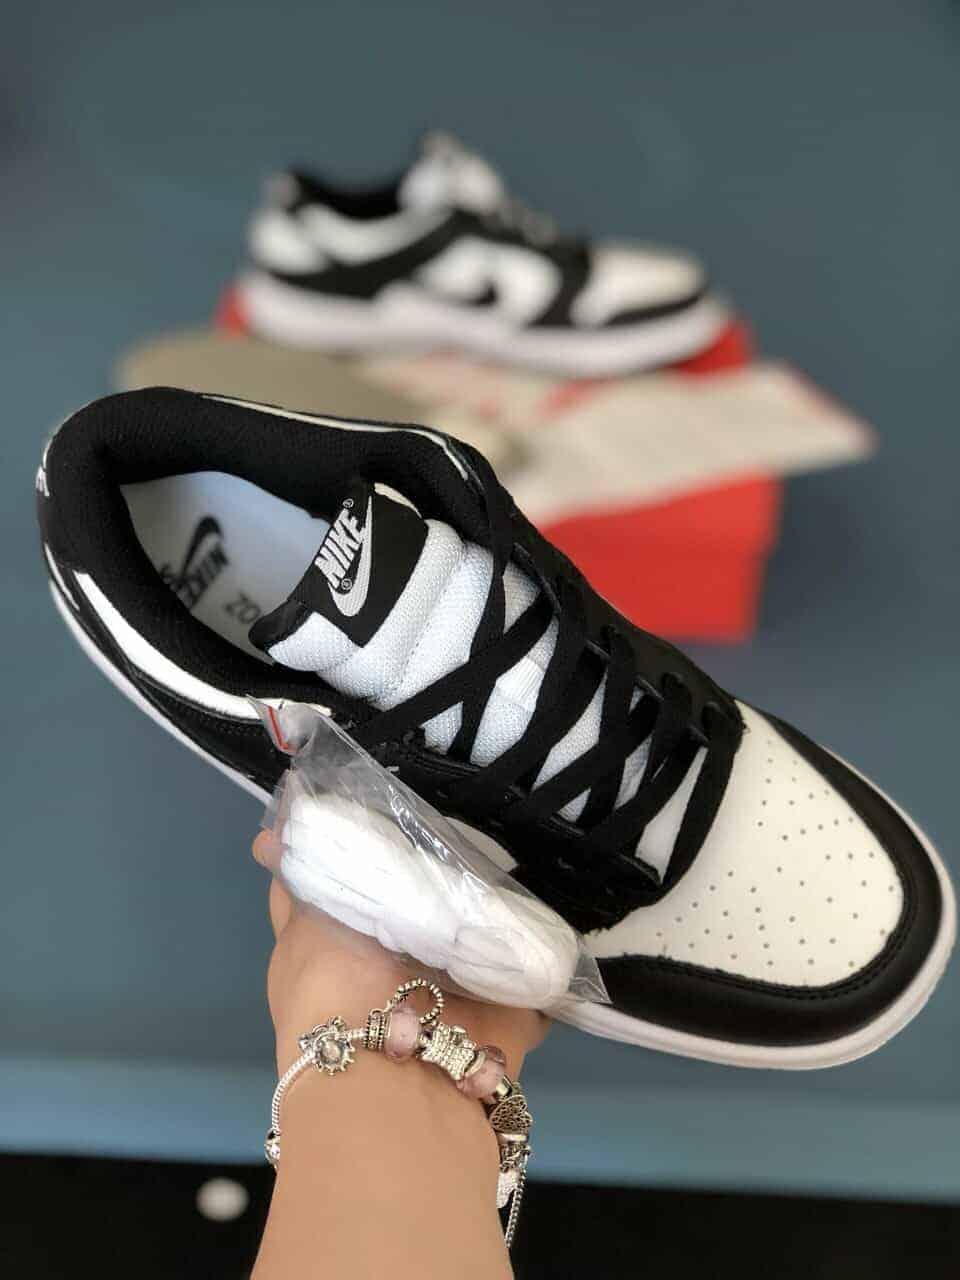 Nike SB Dunk Panda Rep 1:1 khỏe khoắn rất hợp với bạn trẻ yêu thích hoạt động, ưa khám phá